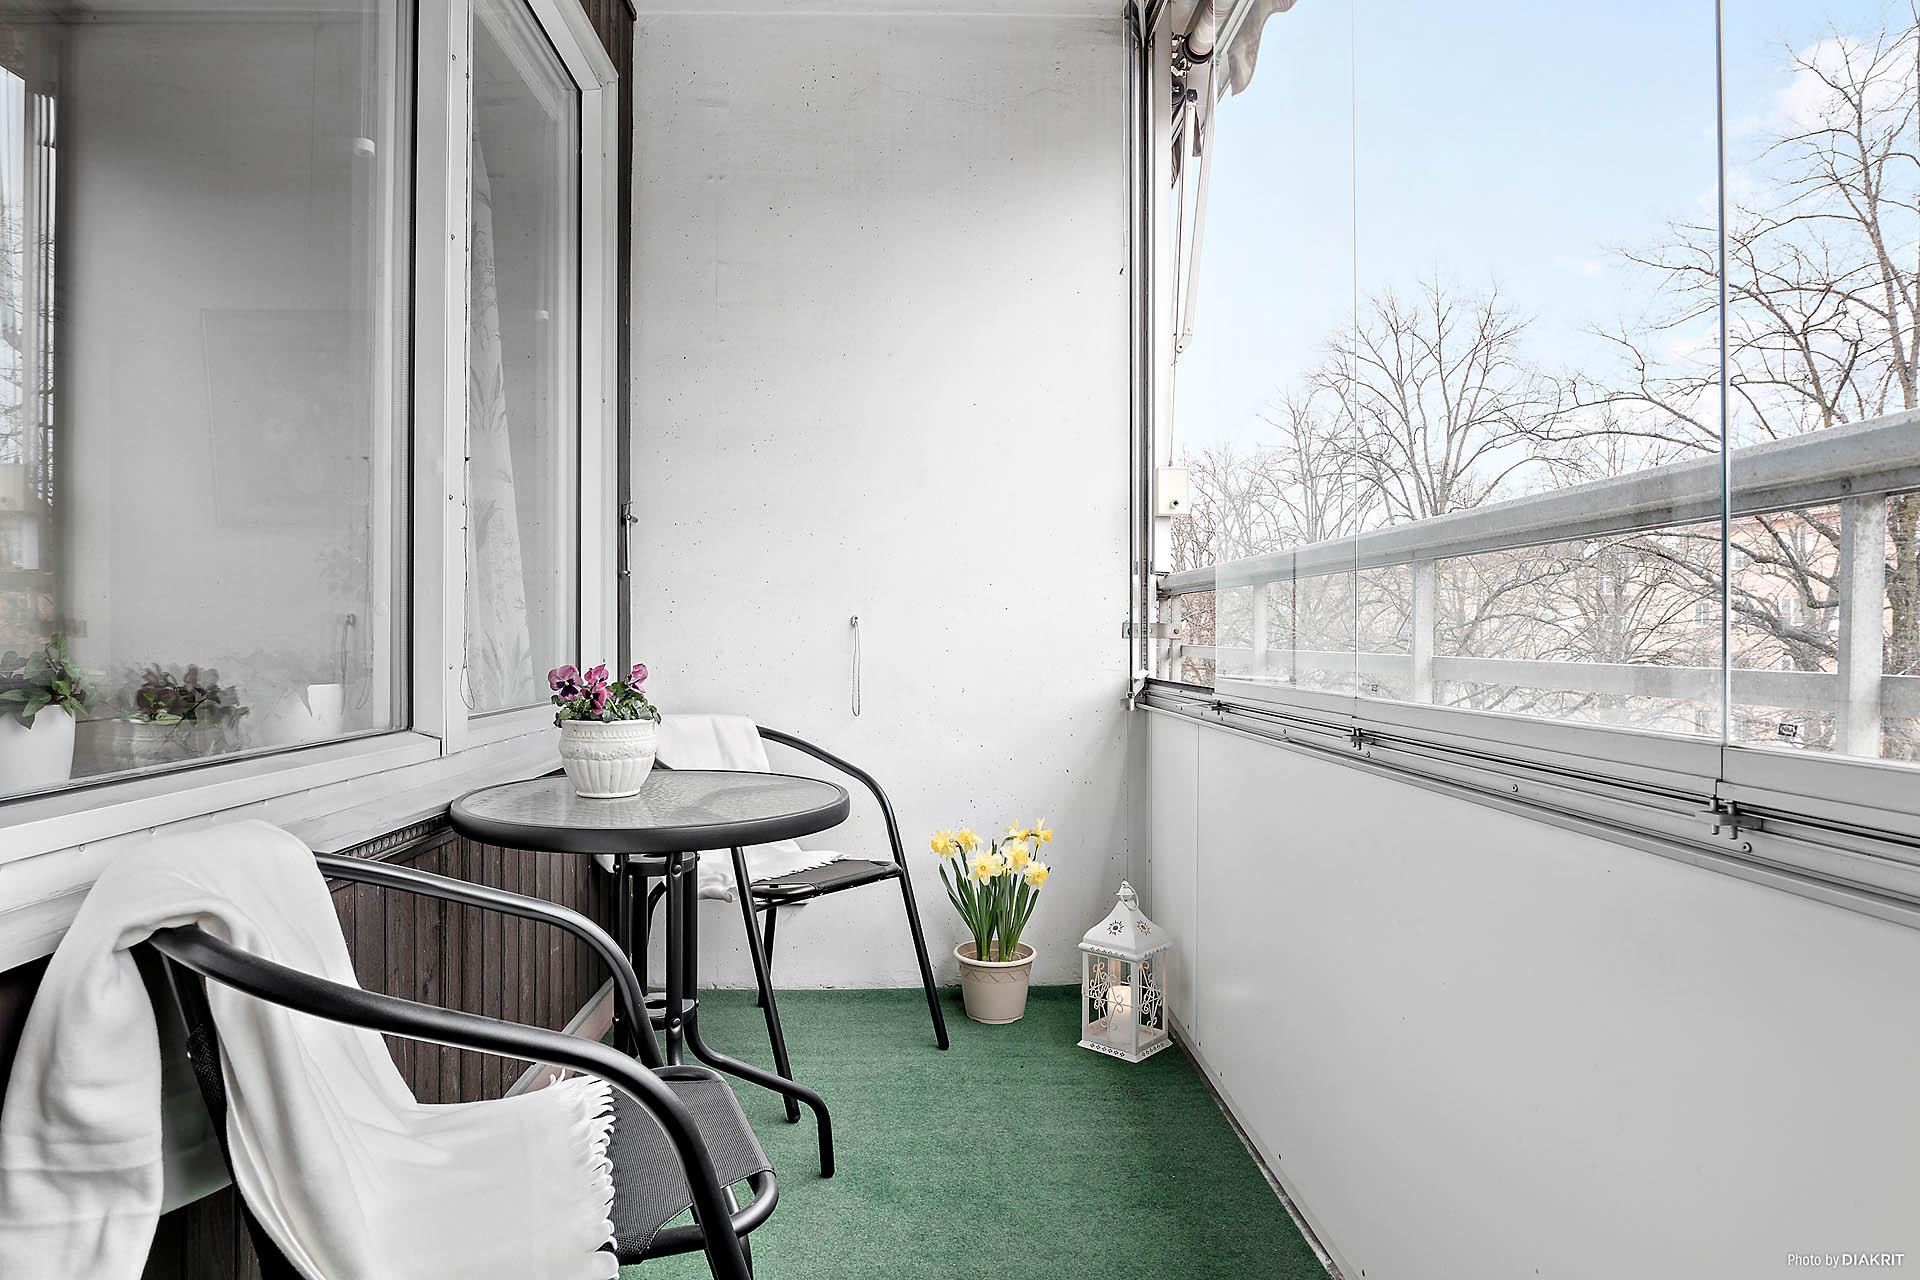 Inglasad balkong med morgon- och förmiddagssol